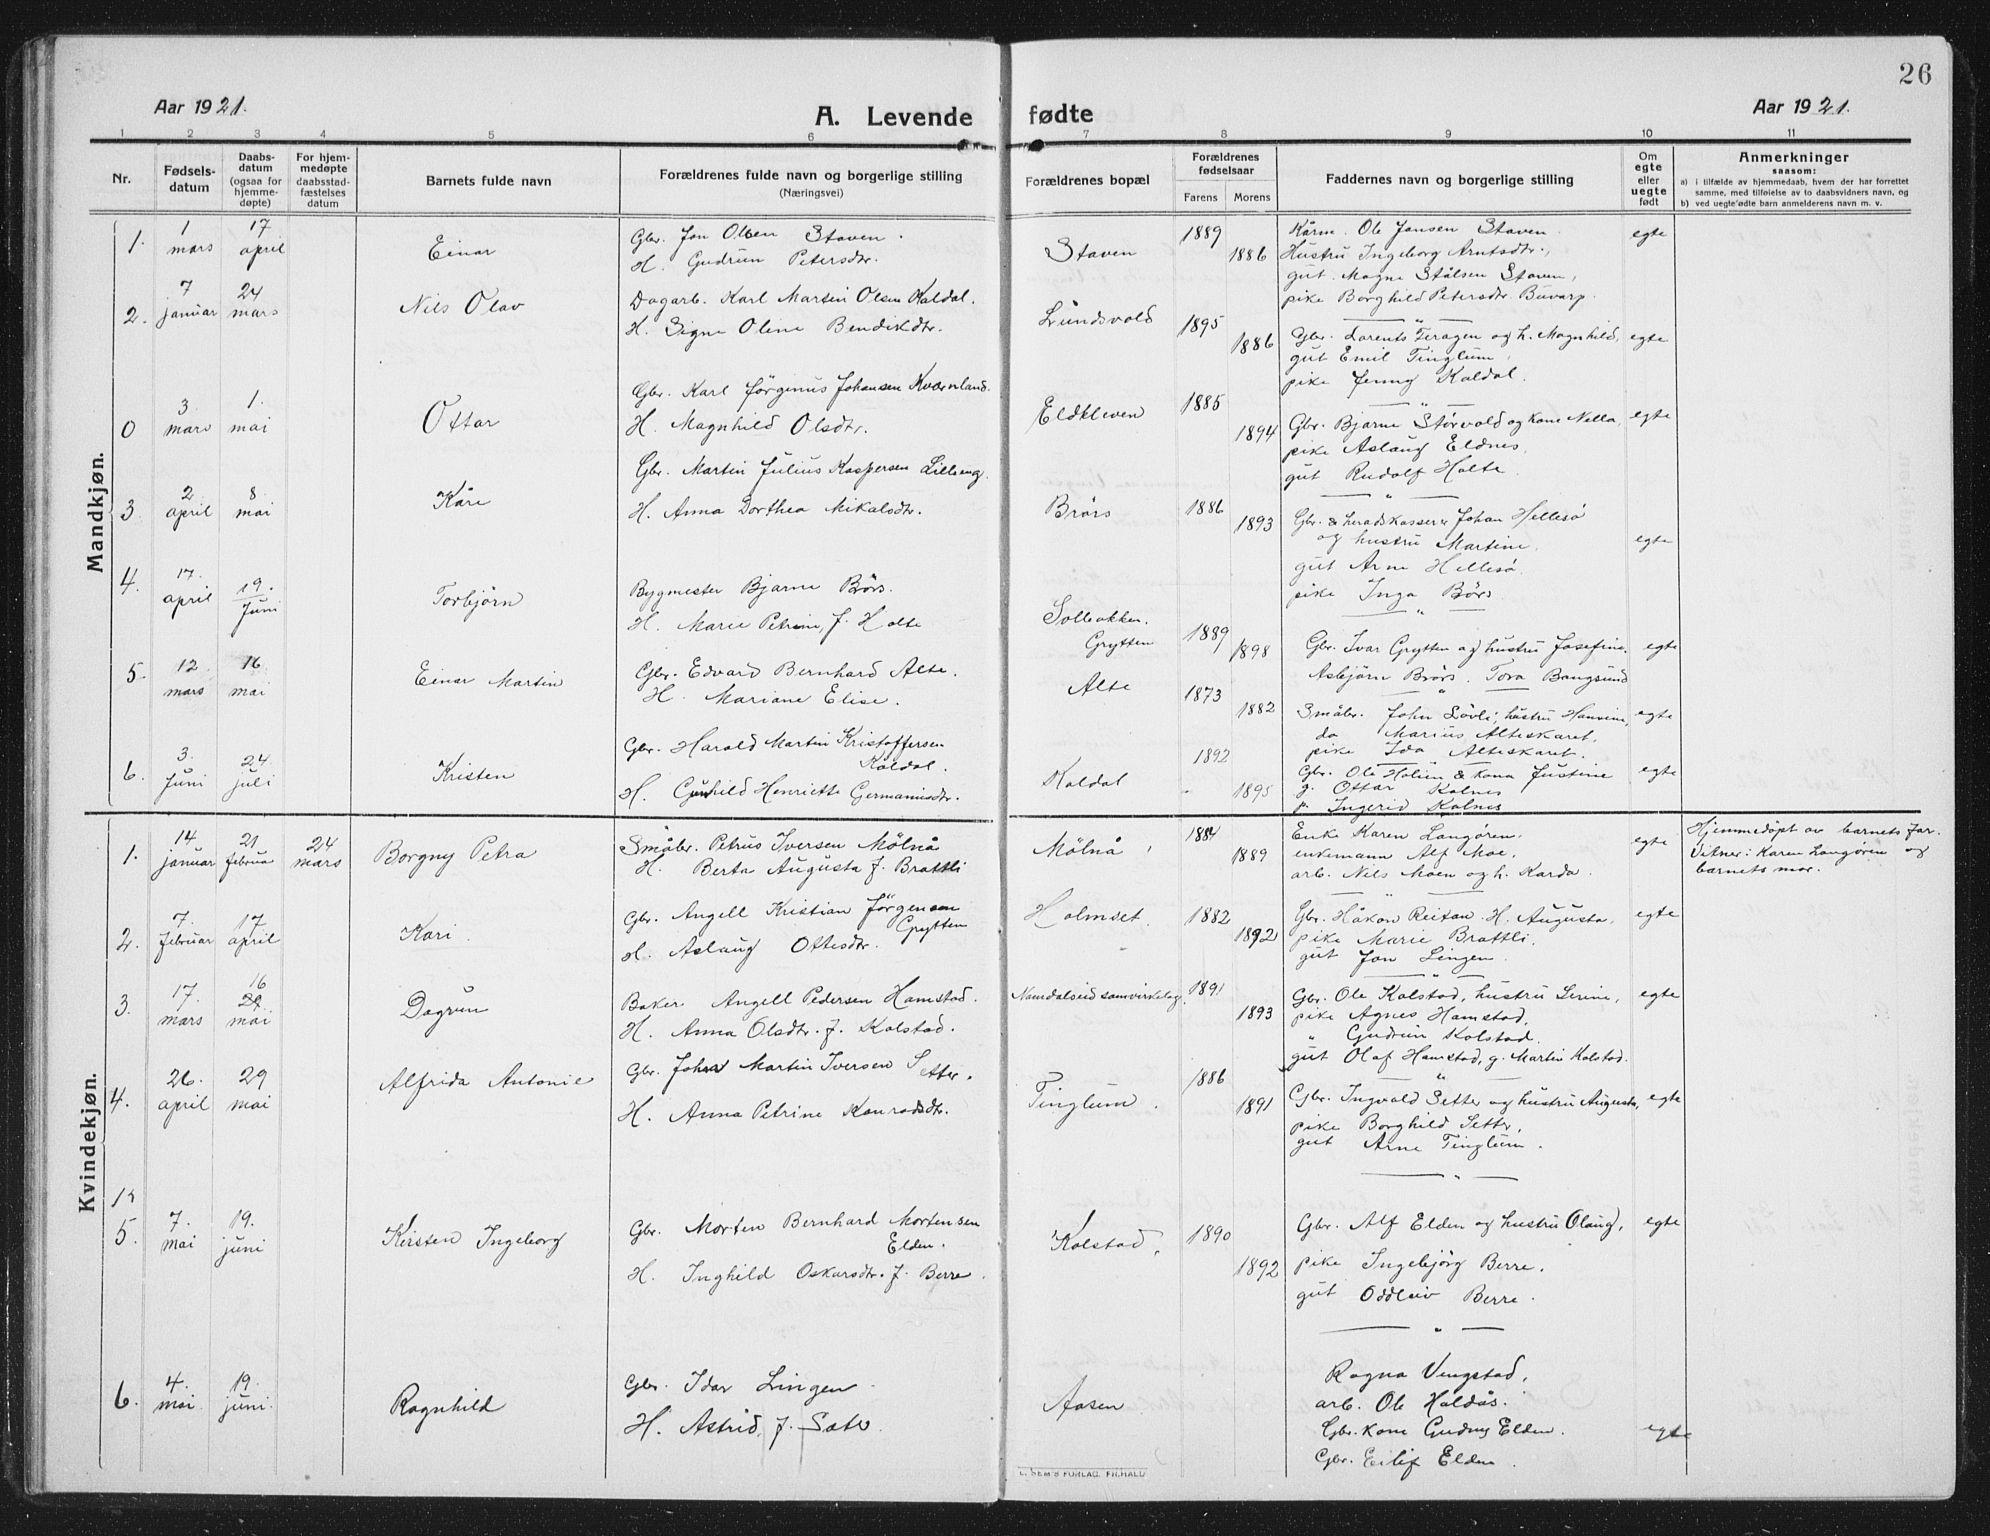 SAT, Ministerialprotokoller, klokkerbøker og fødselsregistre - Nord-Trøndelag, 742/L0413: Klokkerbok nr. 742C04, 1911-1938, s. 26